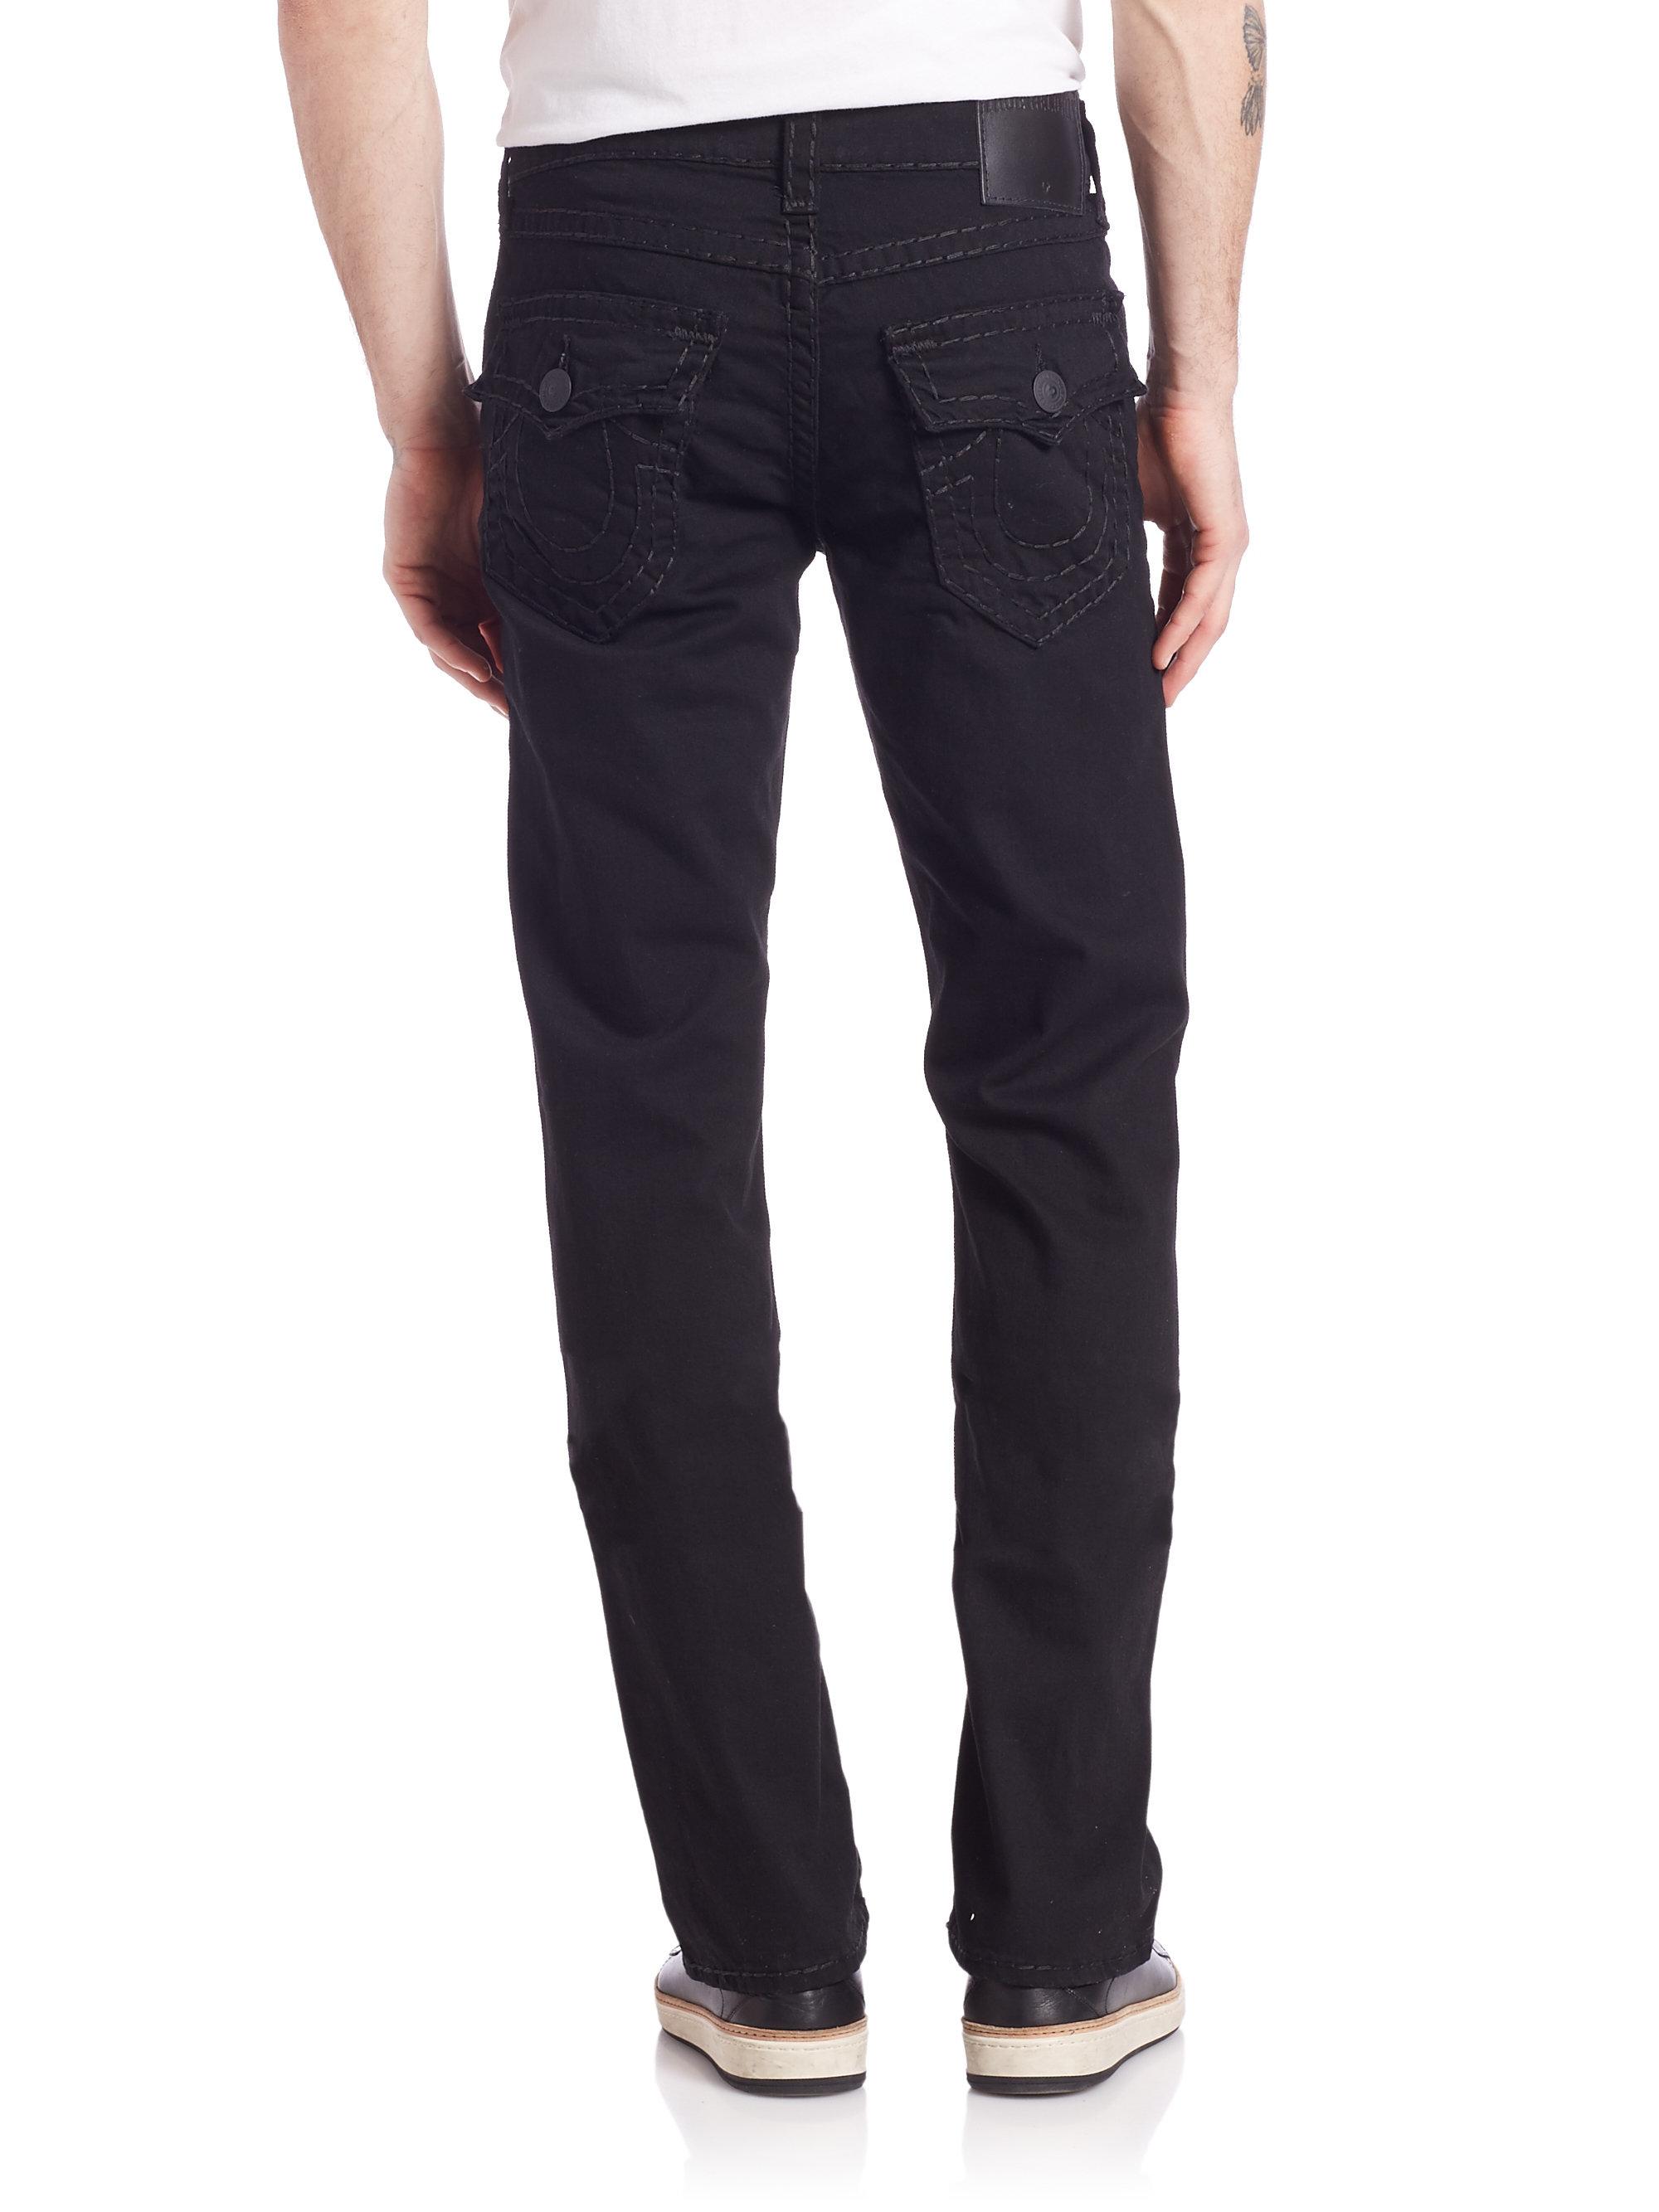 True religion Ricky Straight Jeans in Black for Men | Lyst